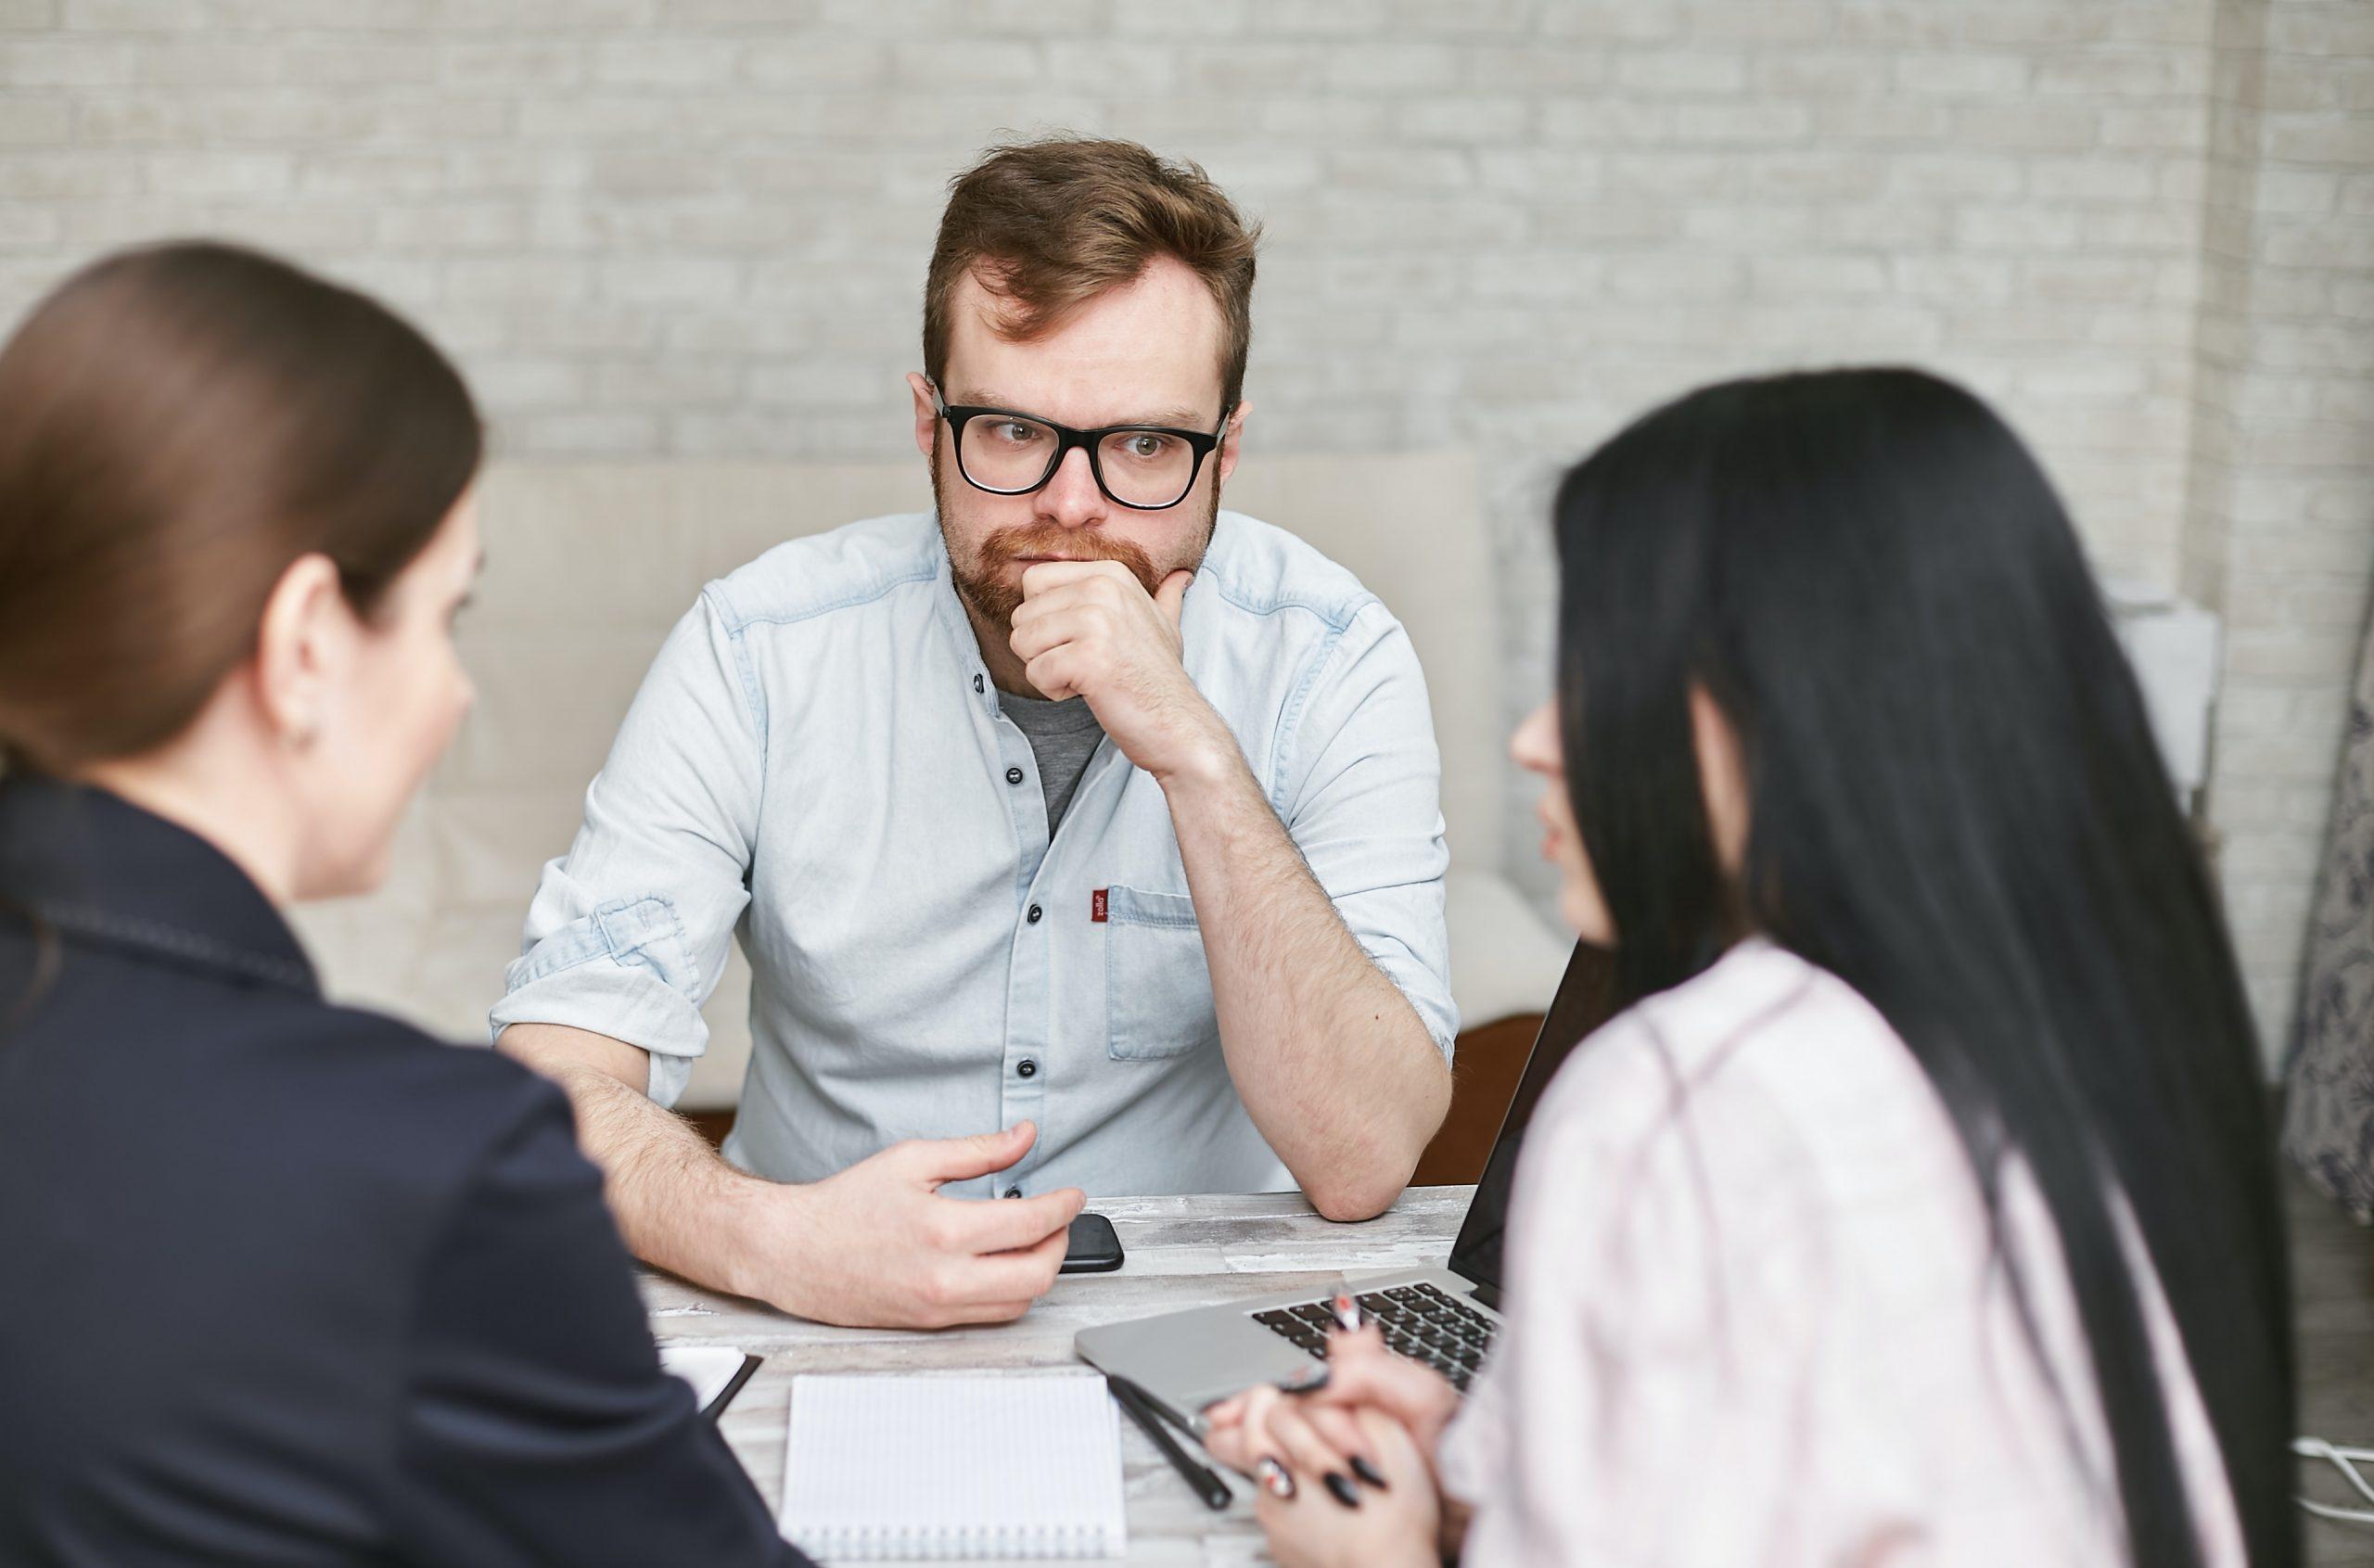 Image: meeting